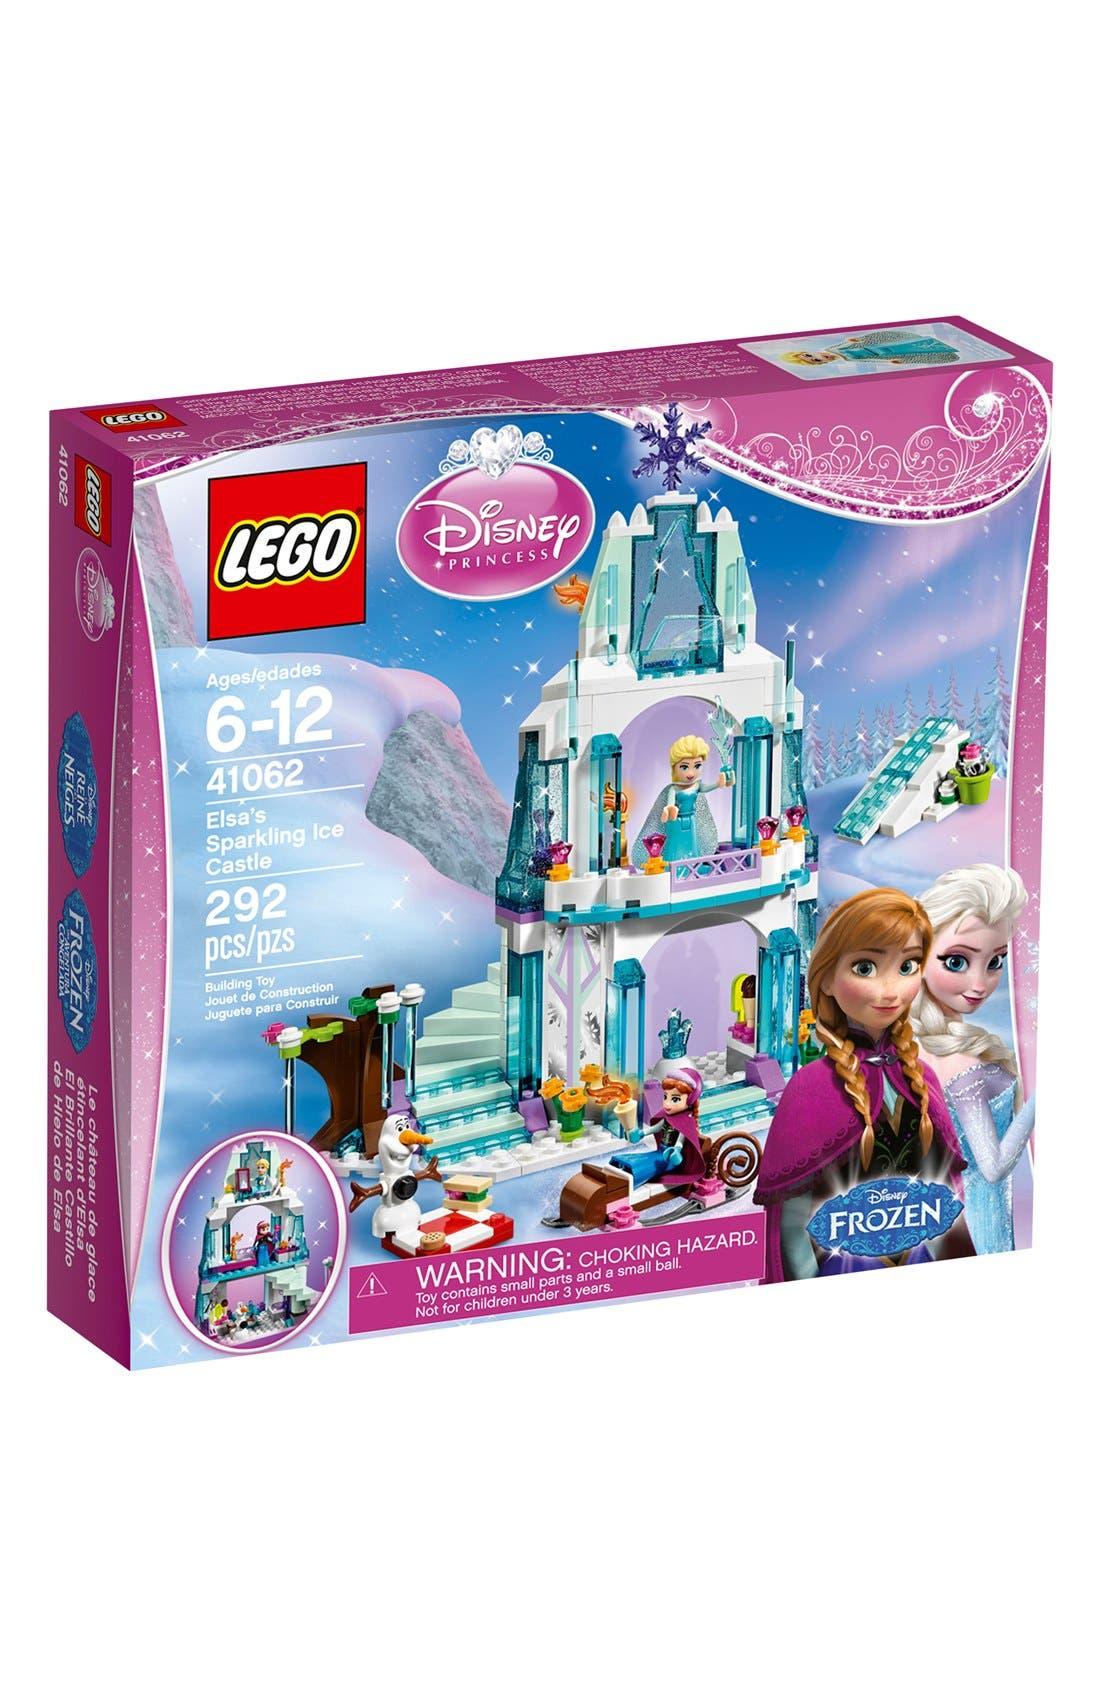 Disney<sup>™</sup> Princess Elsa's Sparkling Ice Castle - 41062, Main, color, 960